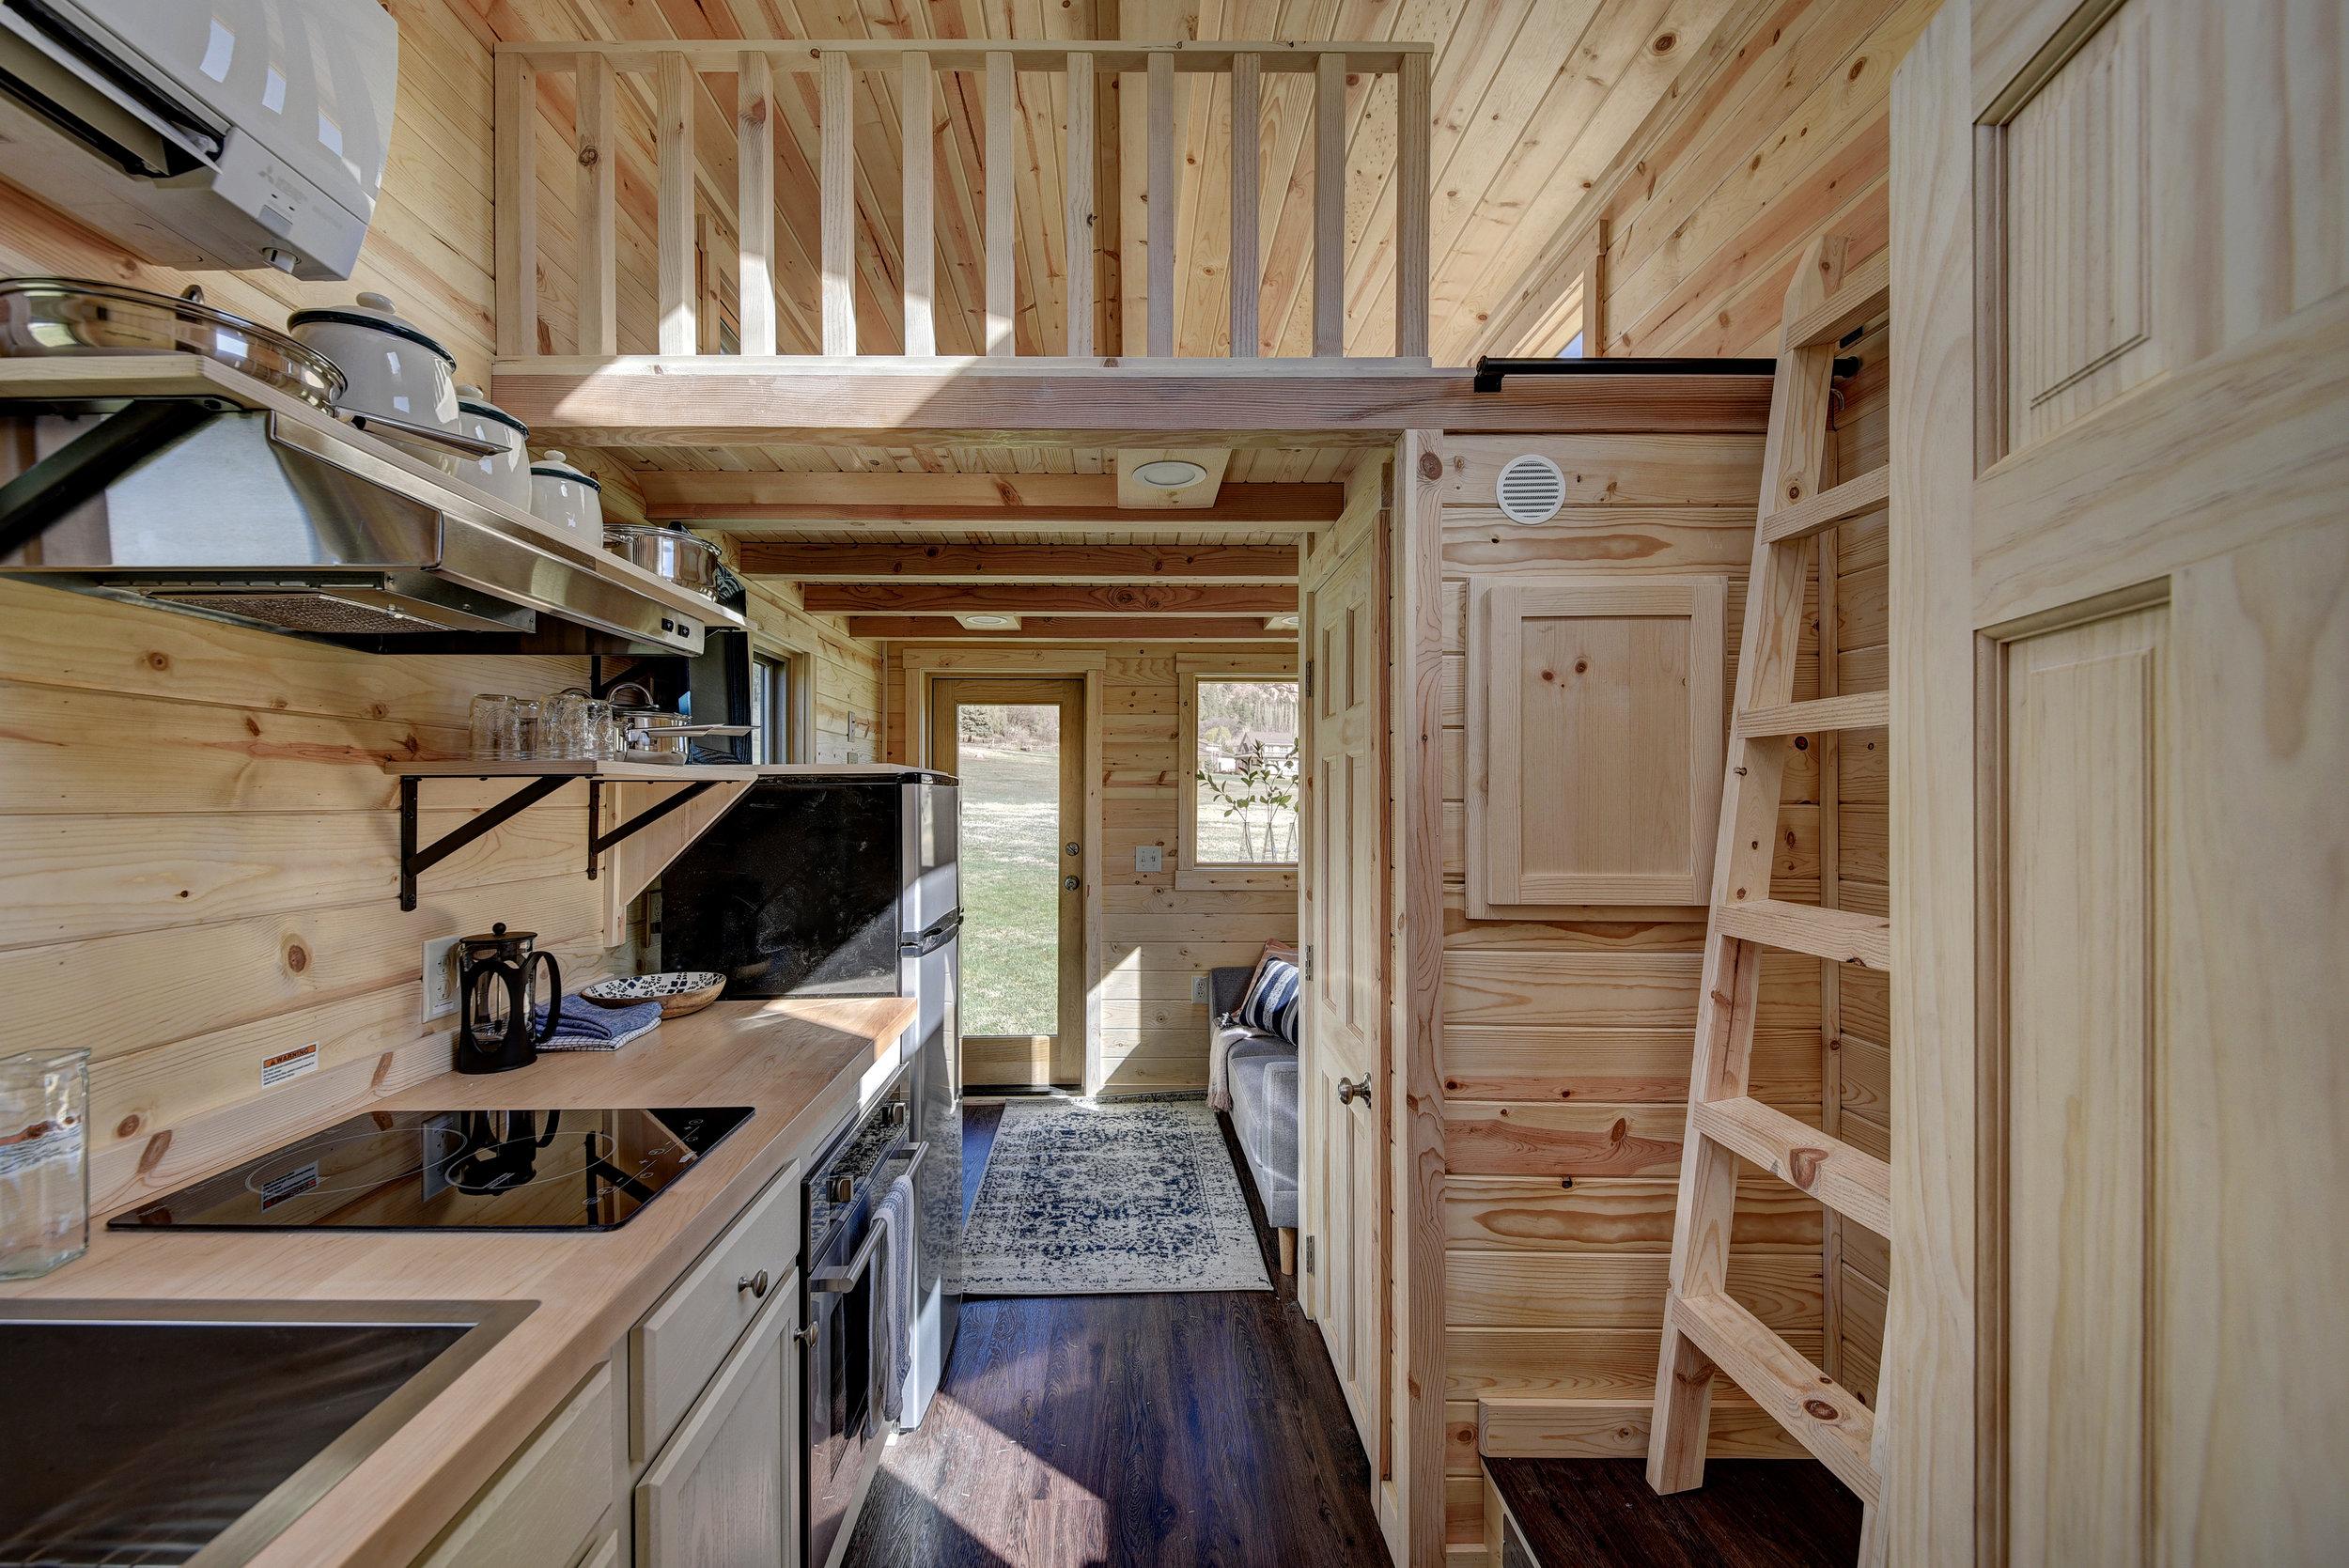 Farallon_interior_kitchen_2.jpg